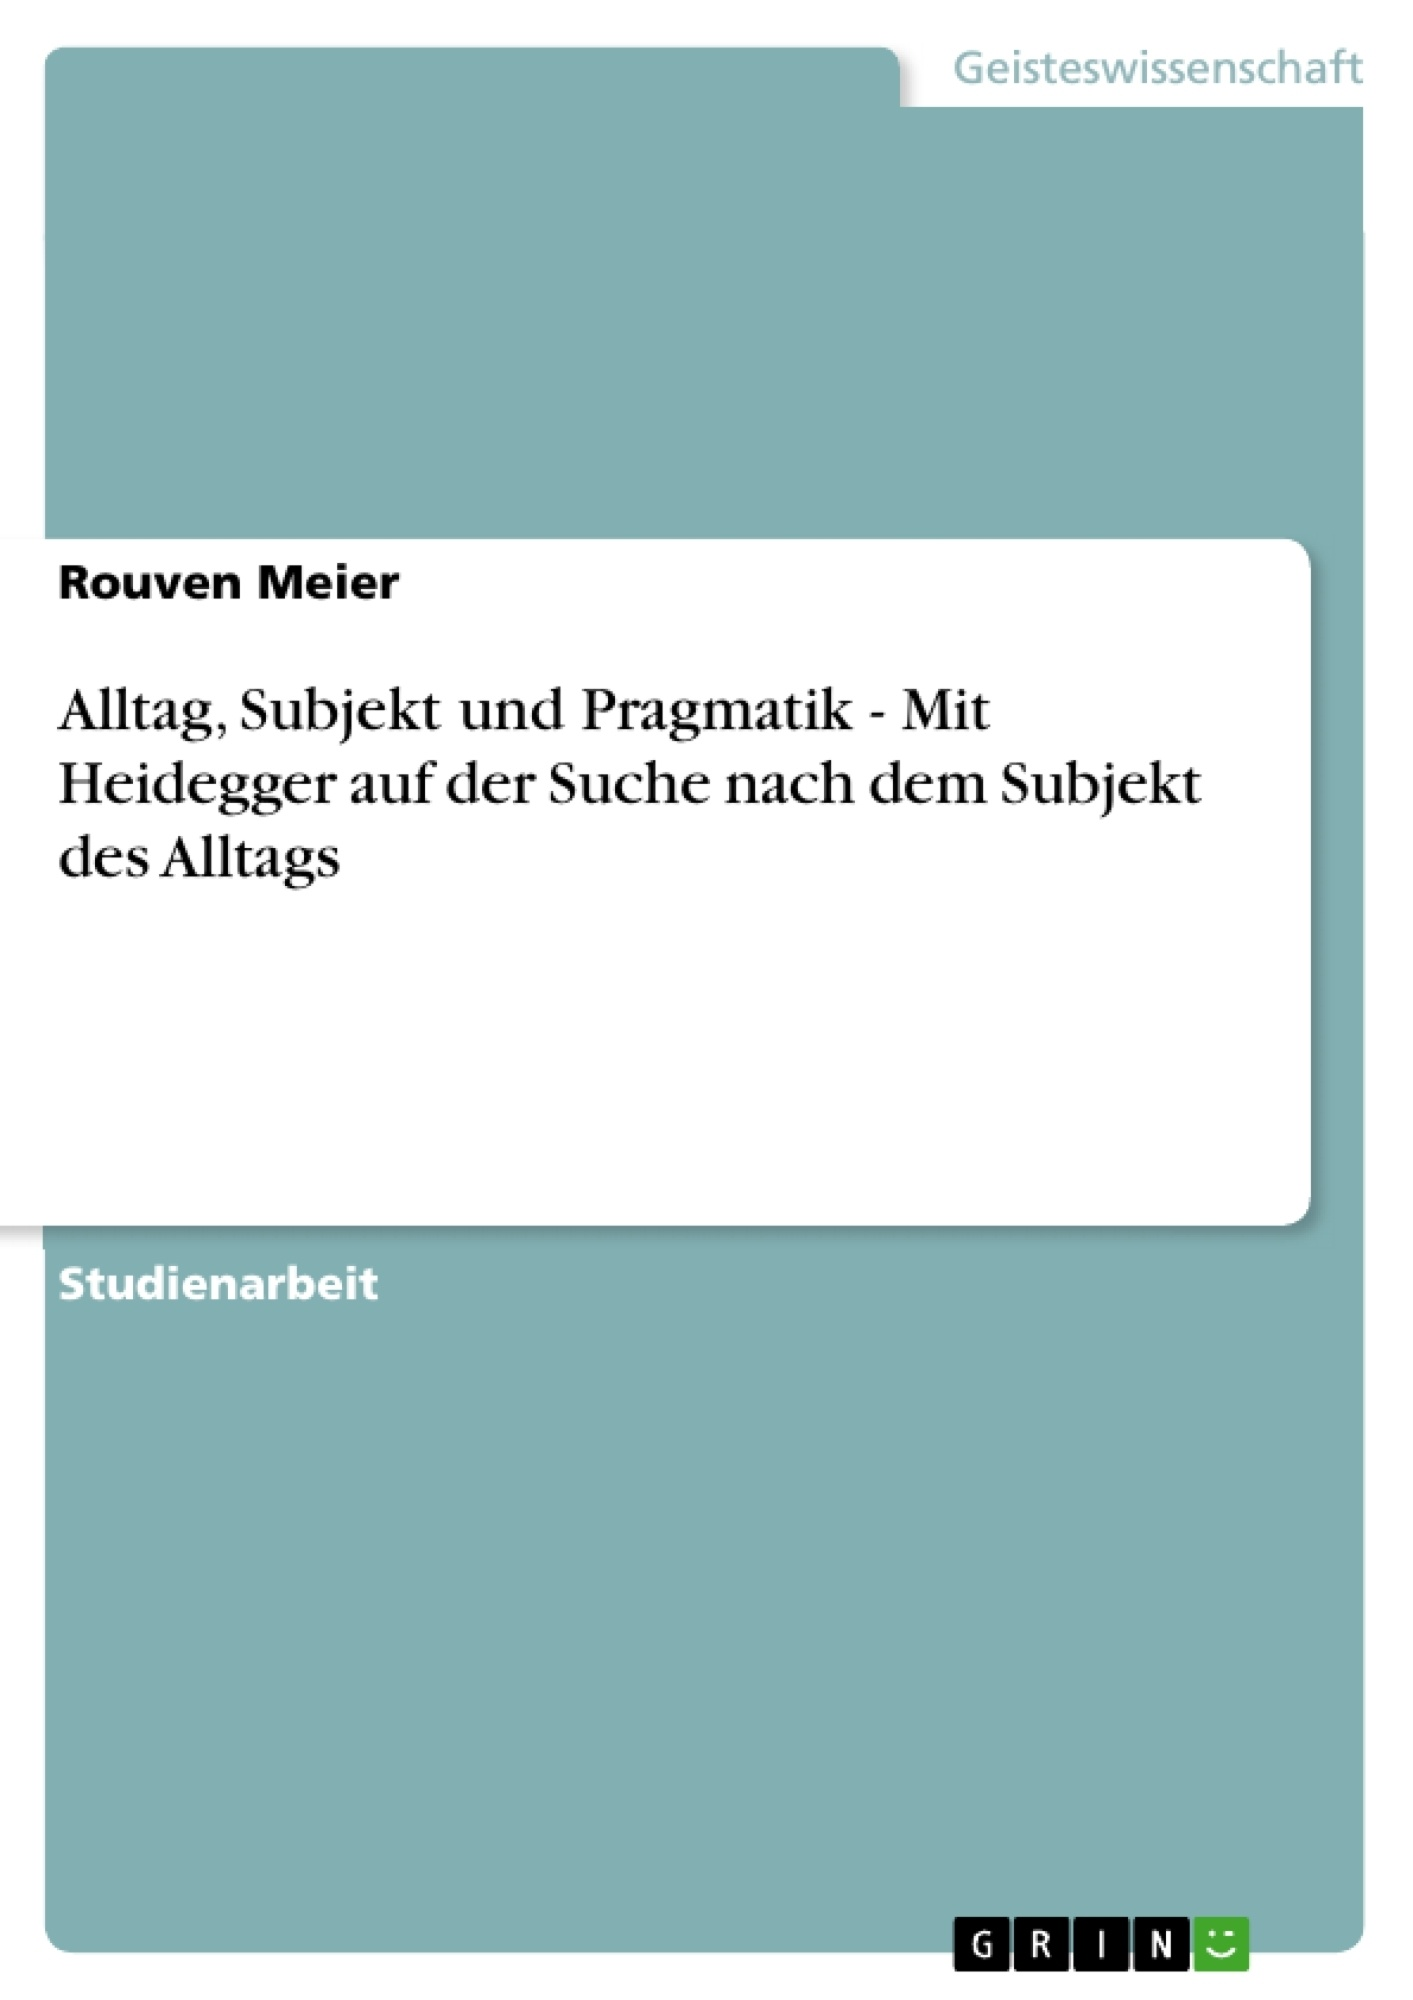 Titel: Alltag, Subjekt und Pragmatik - Mit Heidegger auf der Suche nach dem Subjekt des Alltags